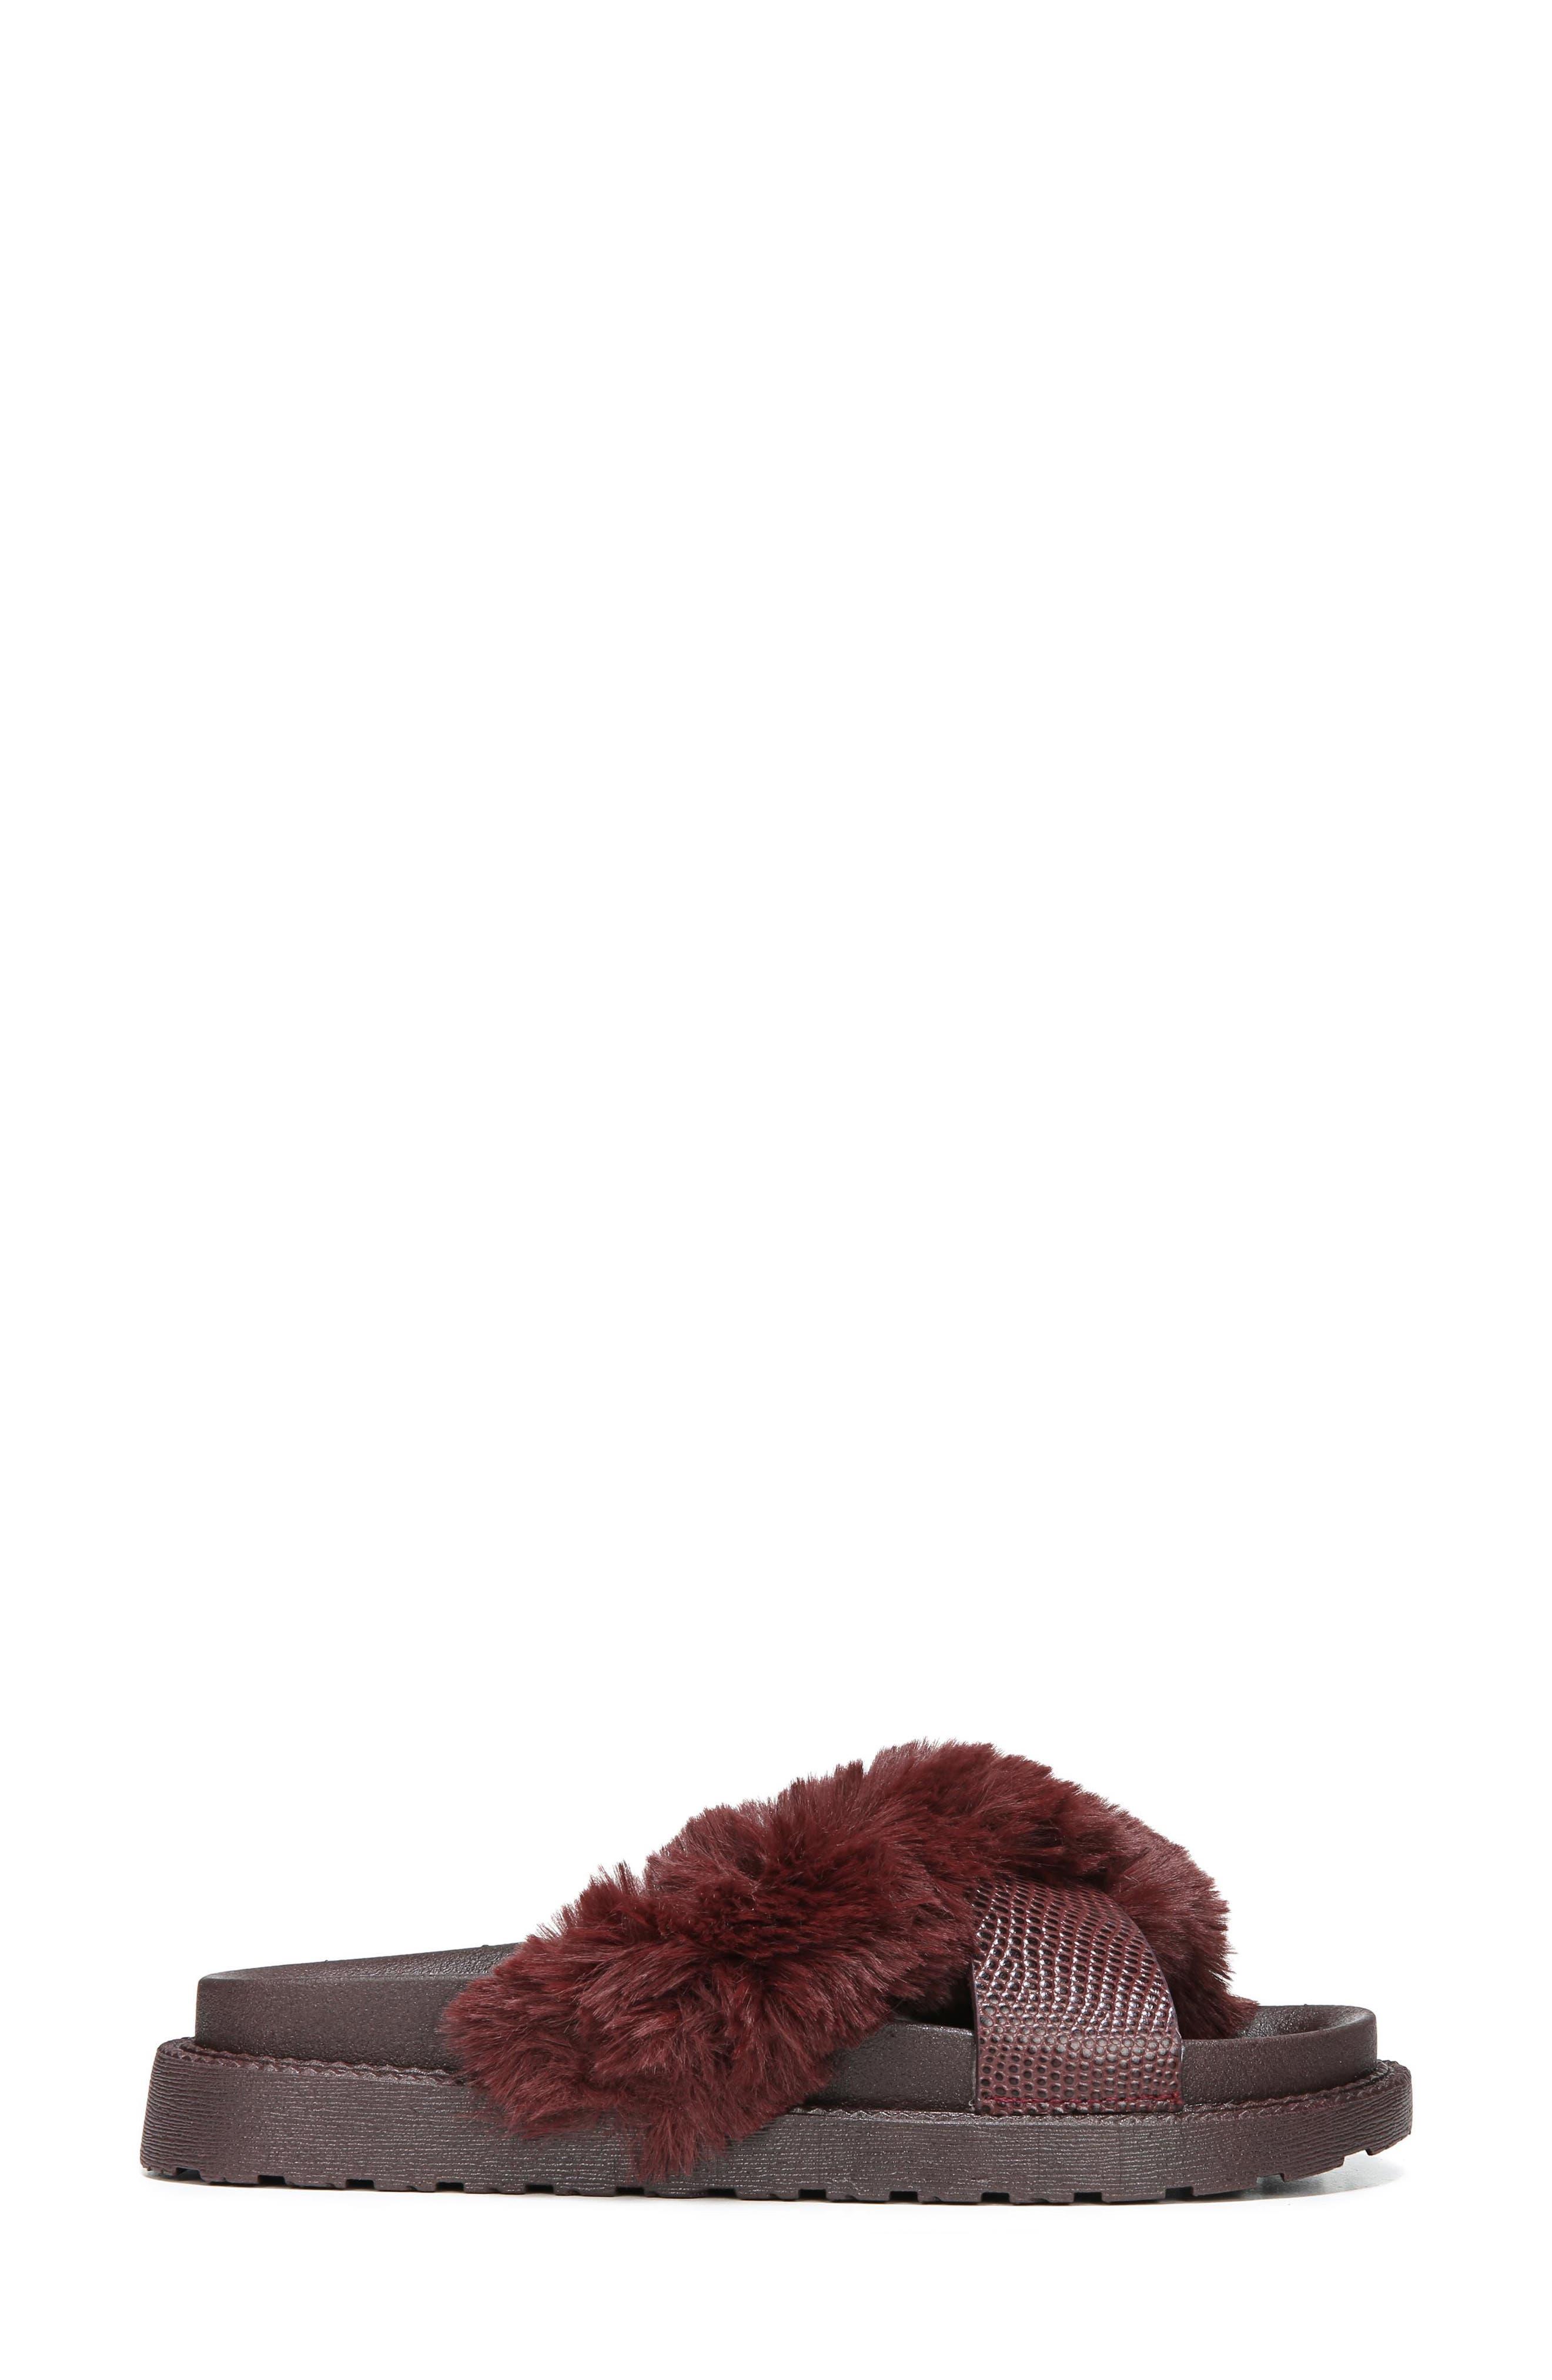 Alternate Image 3  - Sam Edelman Bianca Faux Fur Cross Strap Sandal (Women)